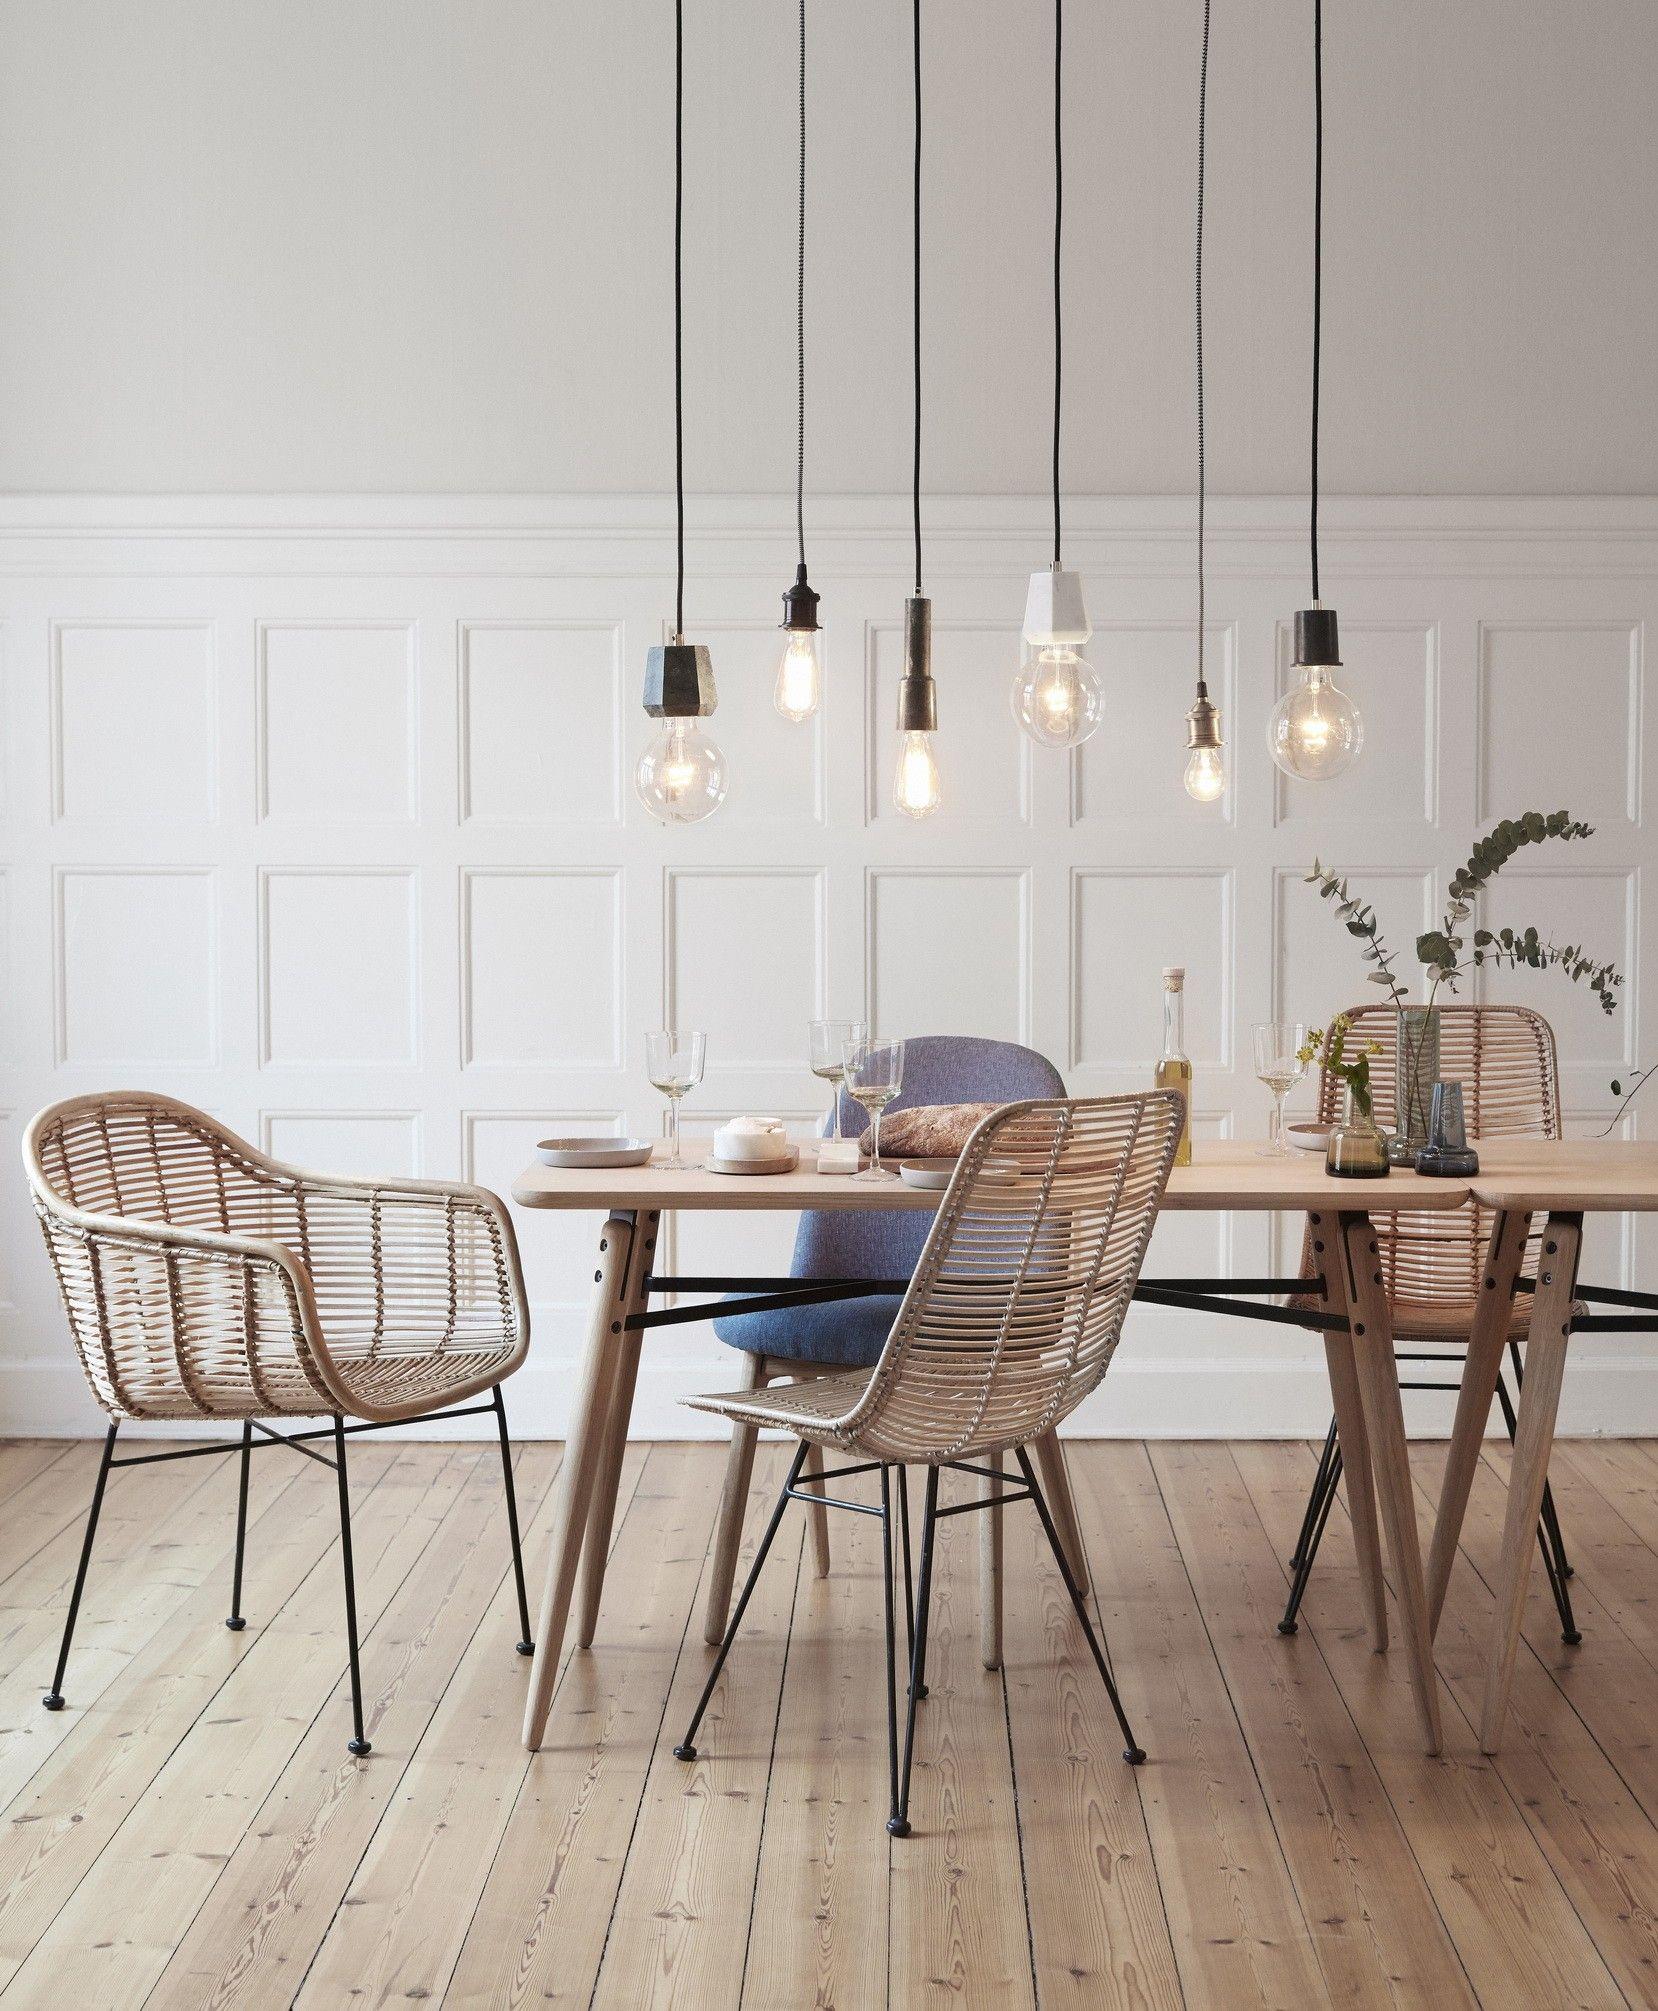 Hübsch Lampe Glass Hübsch Lamper Produkter